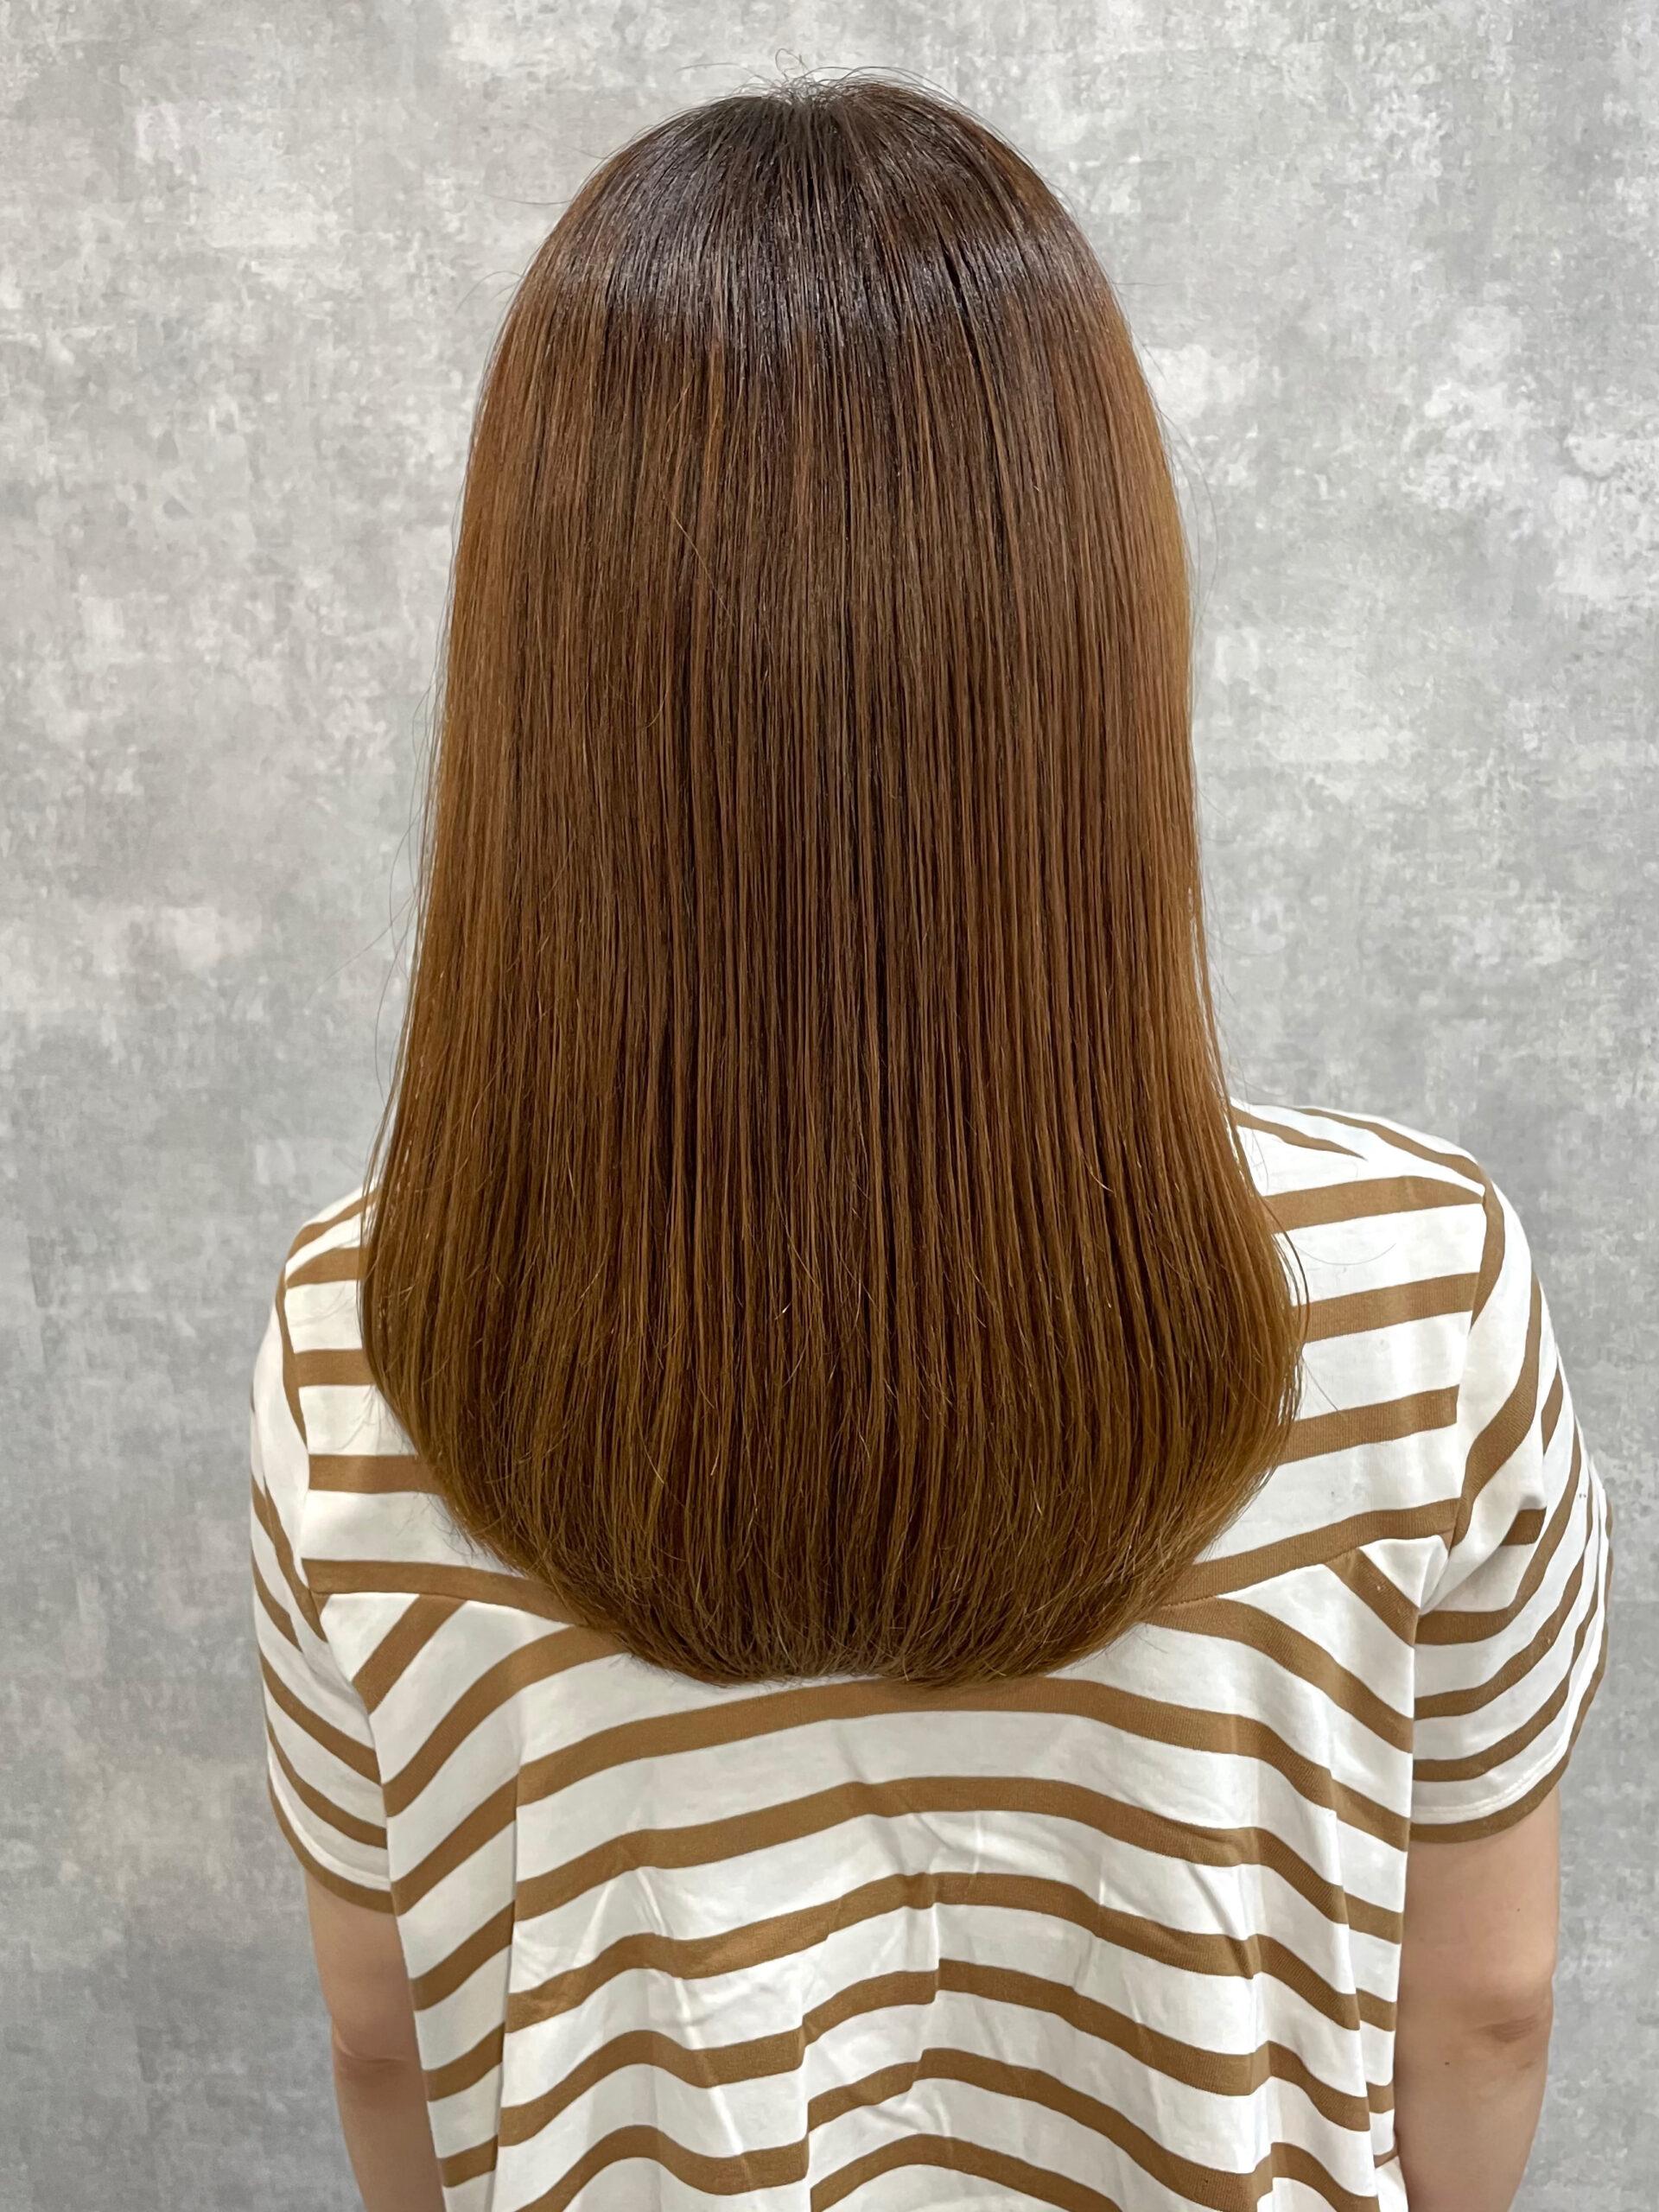 大分県別府市 弱酸性の縮毛矯正で髪質改善ストカール アフター